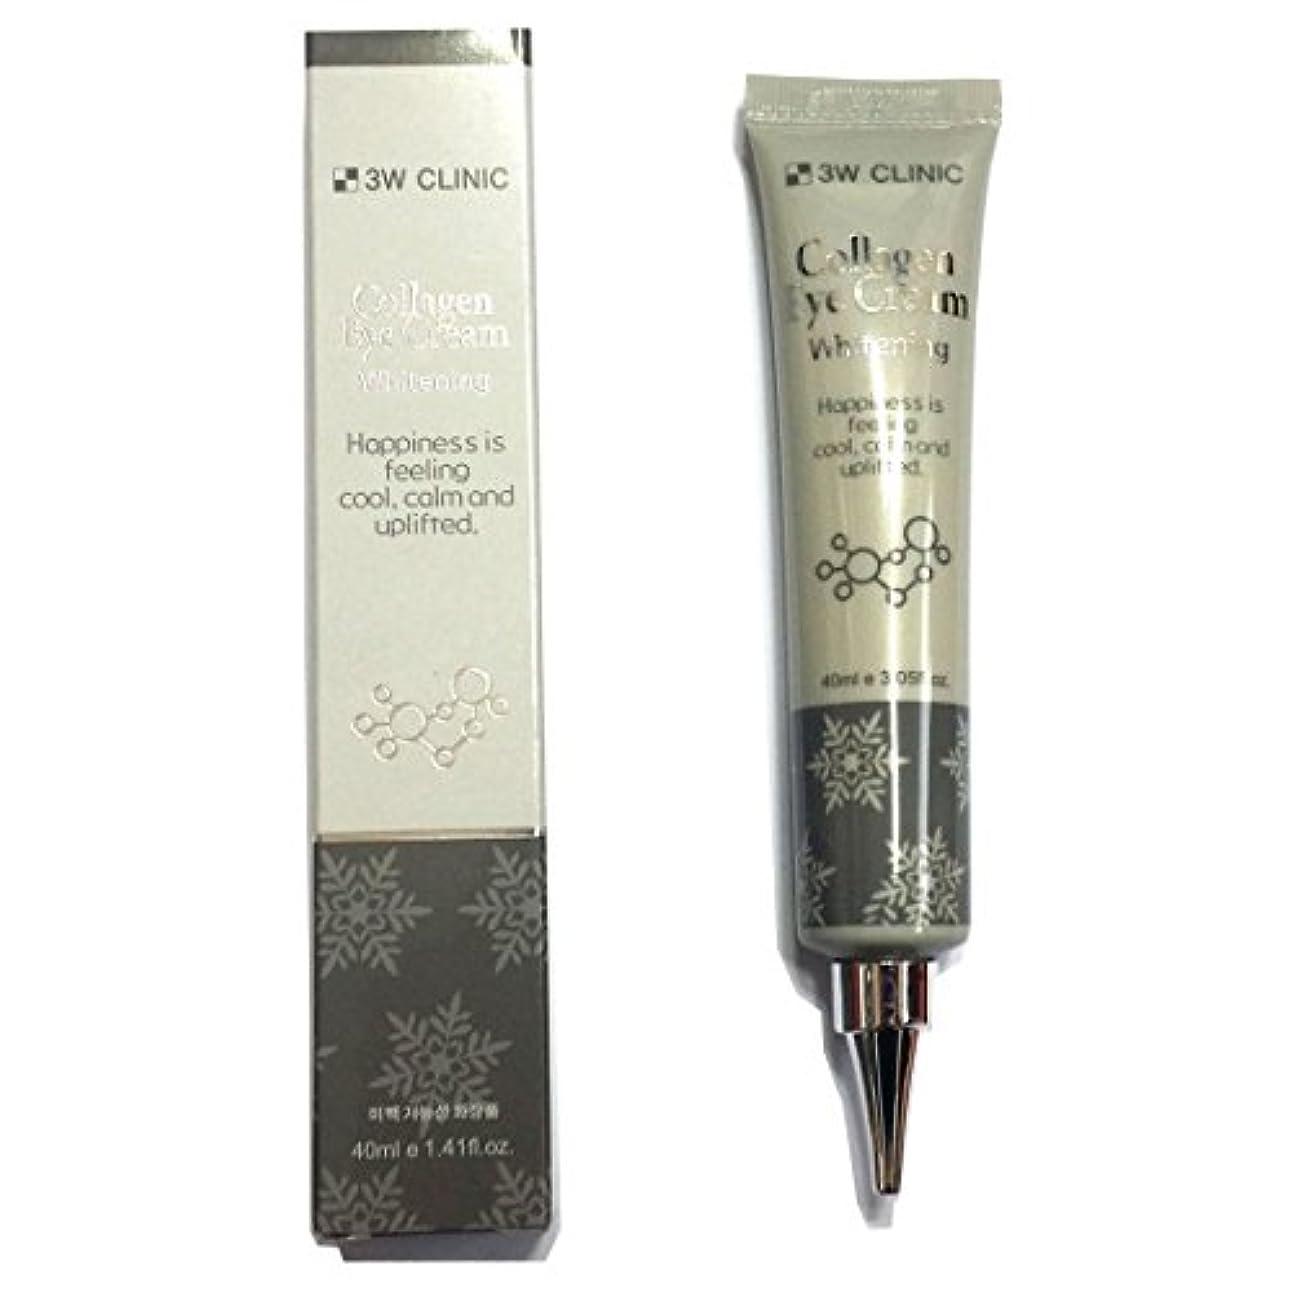 と組む普通のパシフィック[3W CLINIC] コラーゲンアイクリームホワイトニング40ml X 1ea / Collagen Eye Cream Whitening 40ml X 1ea / しっとりしっとり / Anti wrinkles,...